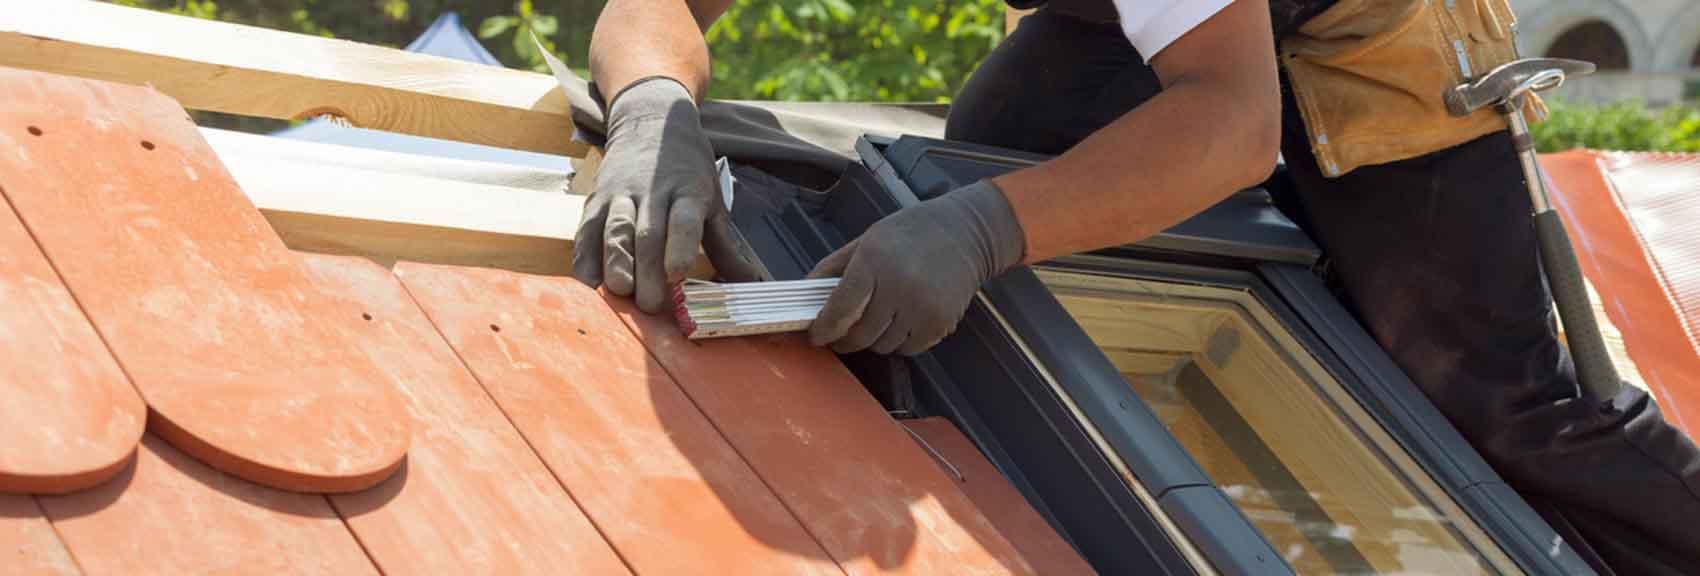 Dacheindeckung Preise Preisvergleich Starten 11880 Dachdecker Com